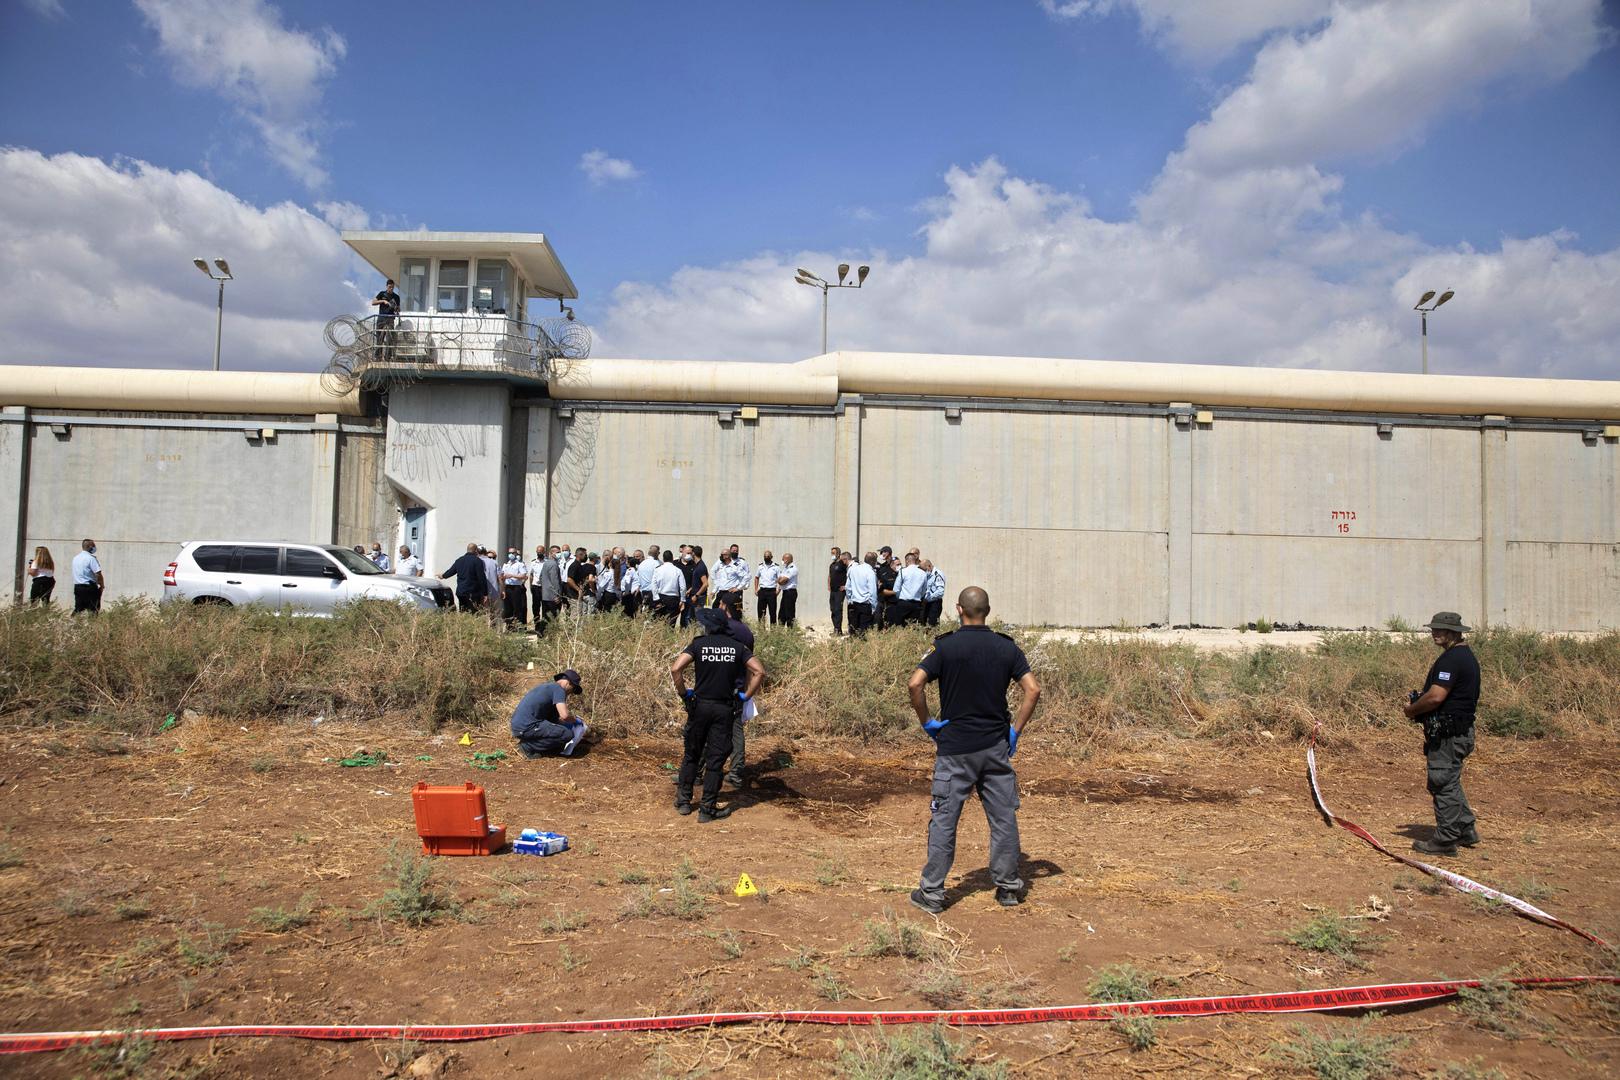 شاهد.. الصور الأولى لأدوات الحفر التي استخدمها الأسرى الفلسطينيون للهروب من سجن جلبوع (فيديو)